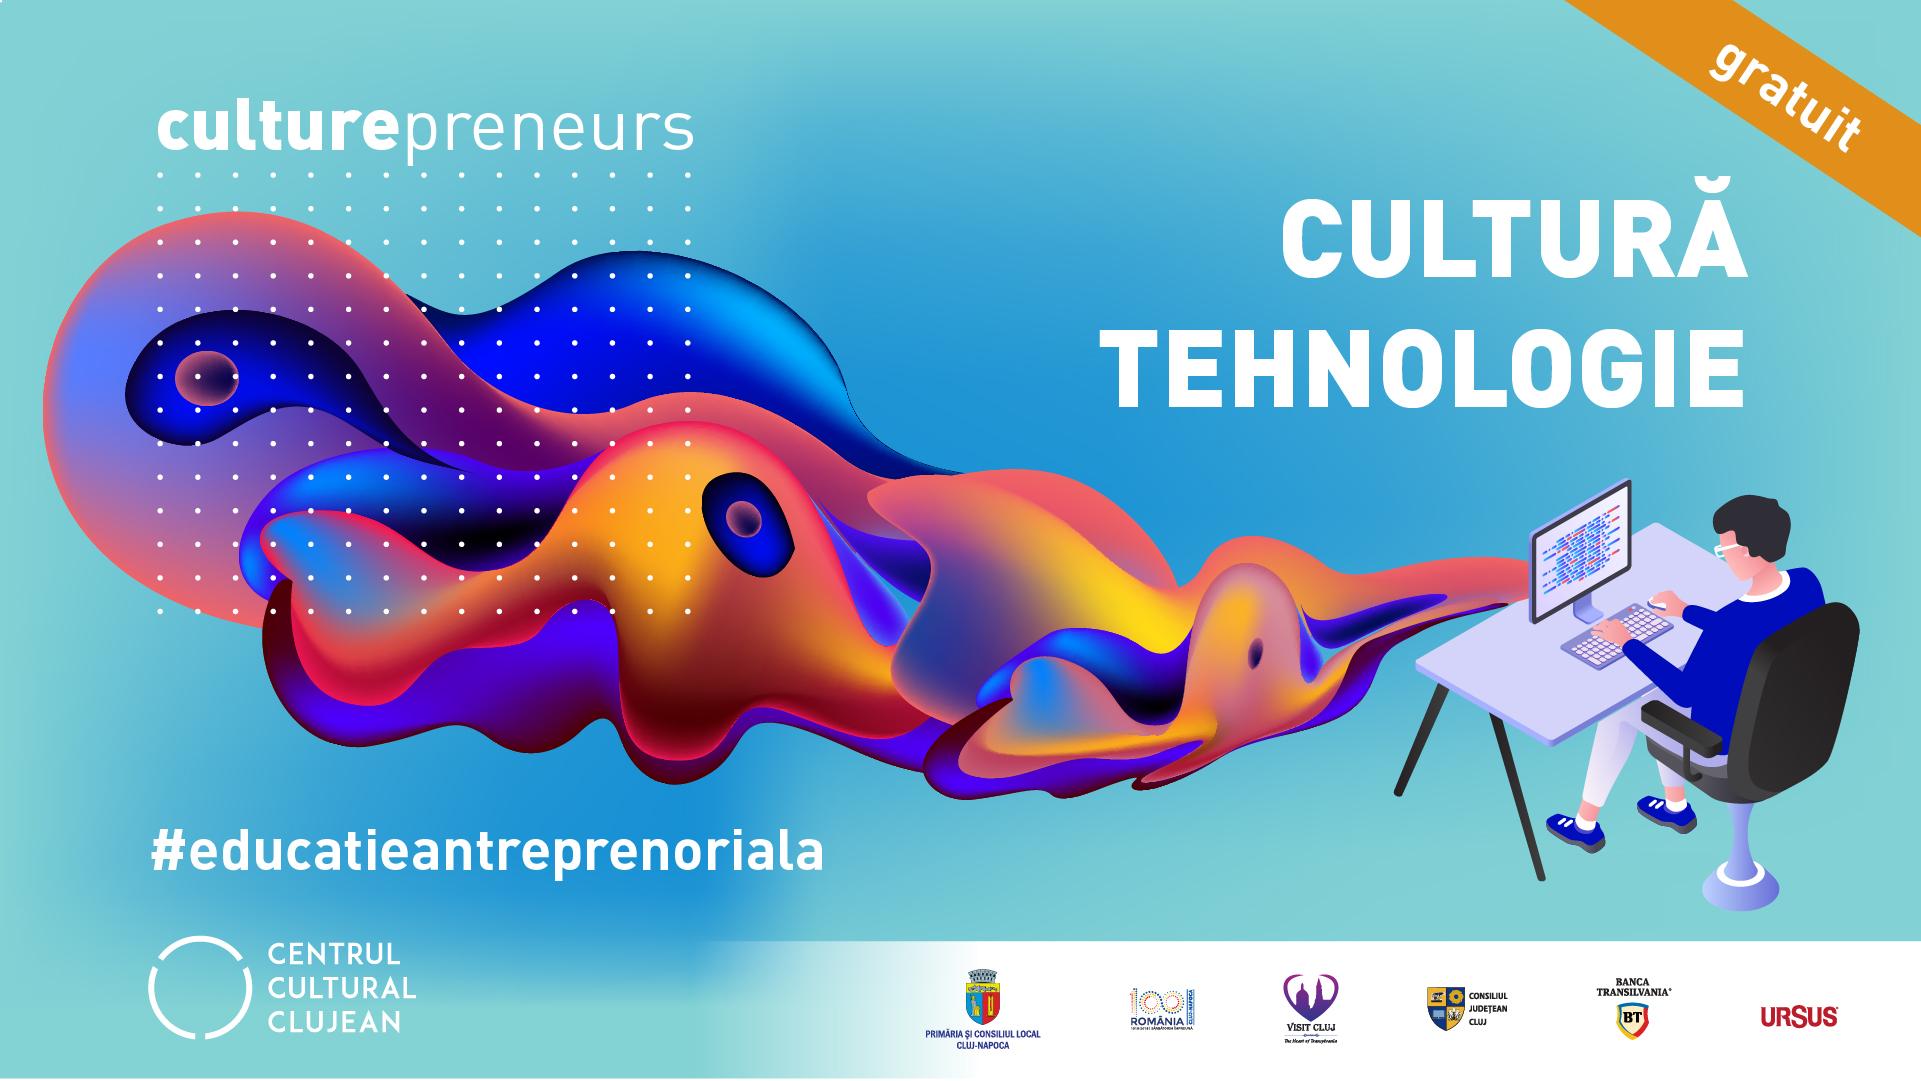 """Programul de educaţie antreprenorială pentru industriile culturale """"Culturepreneurs"""", lansat de Centrul Cultural Clujean!"""